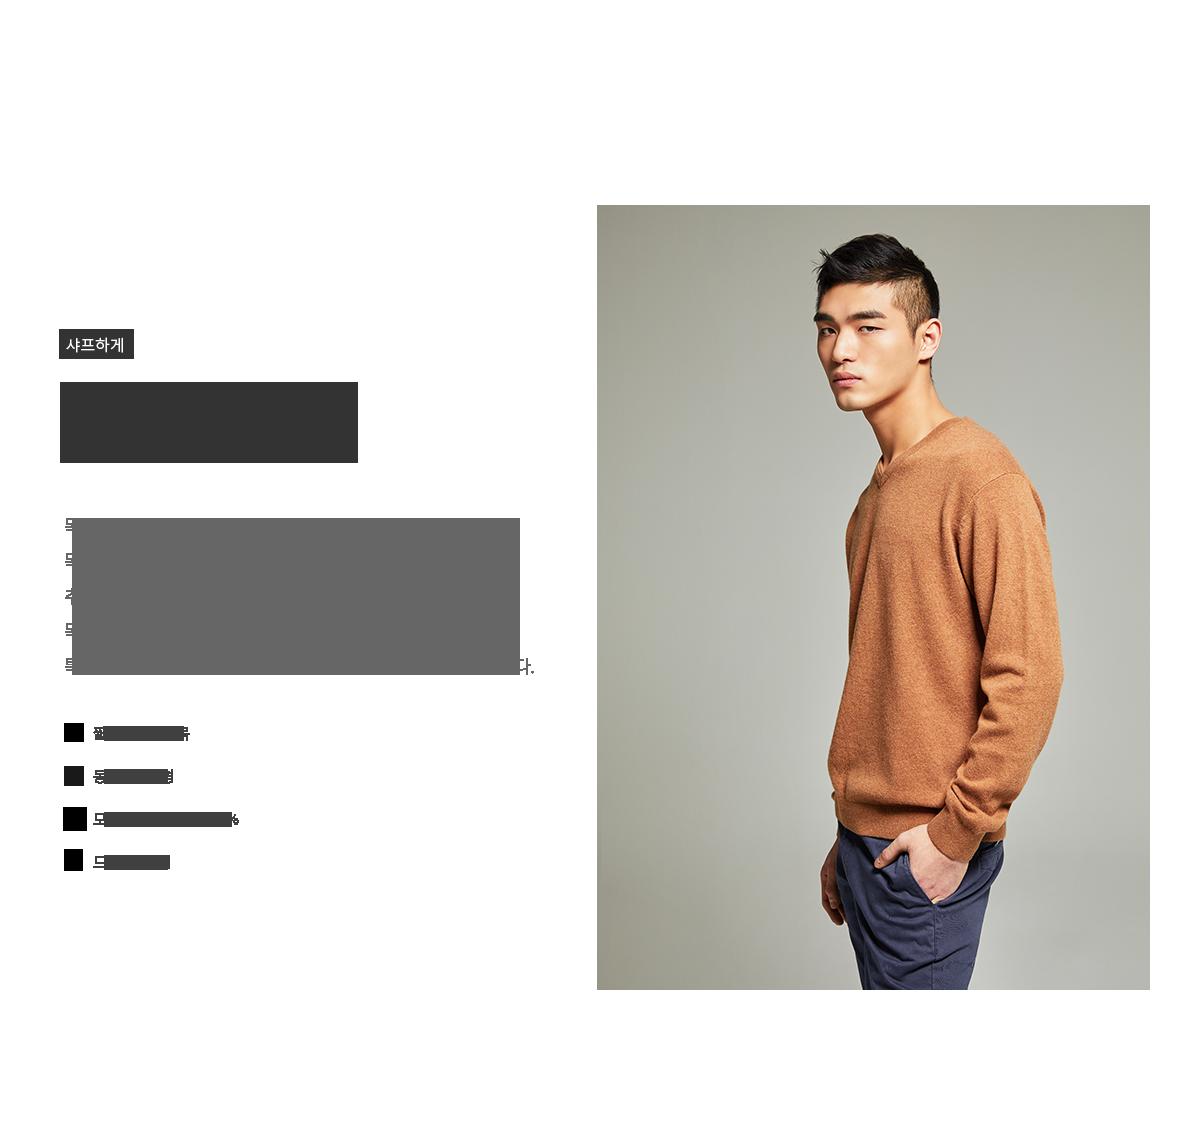 샤프하게 V-neck